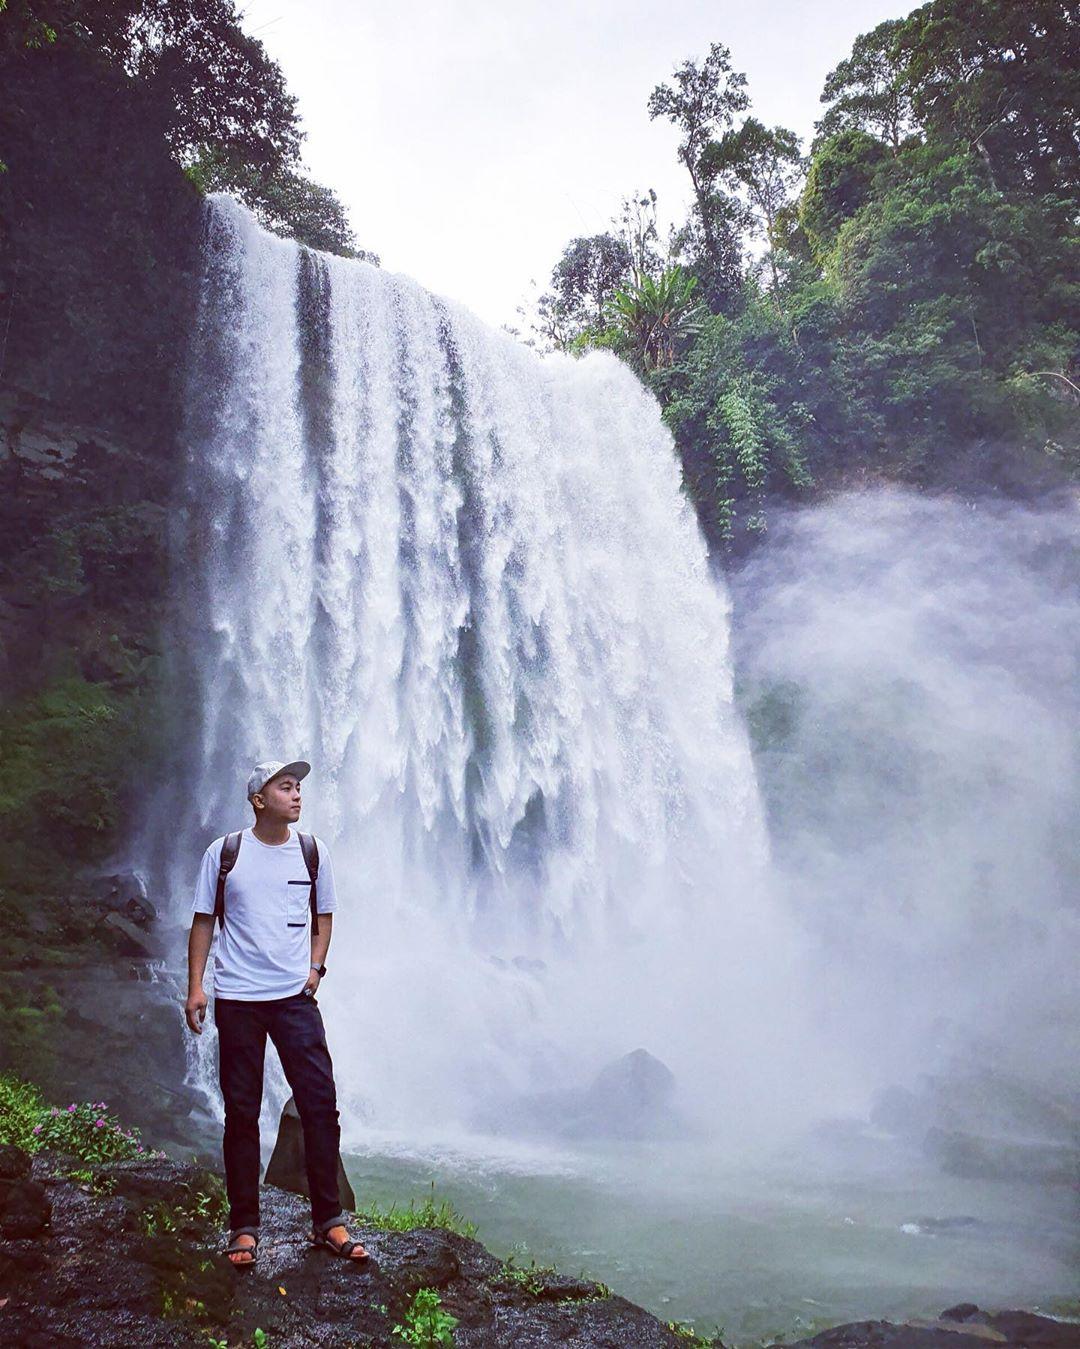 vietnam waterfalls - dambri waterfall 2